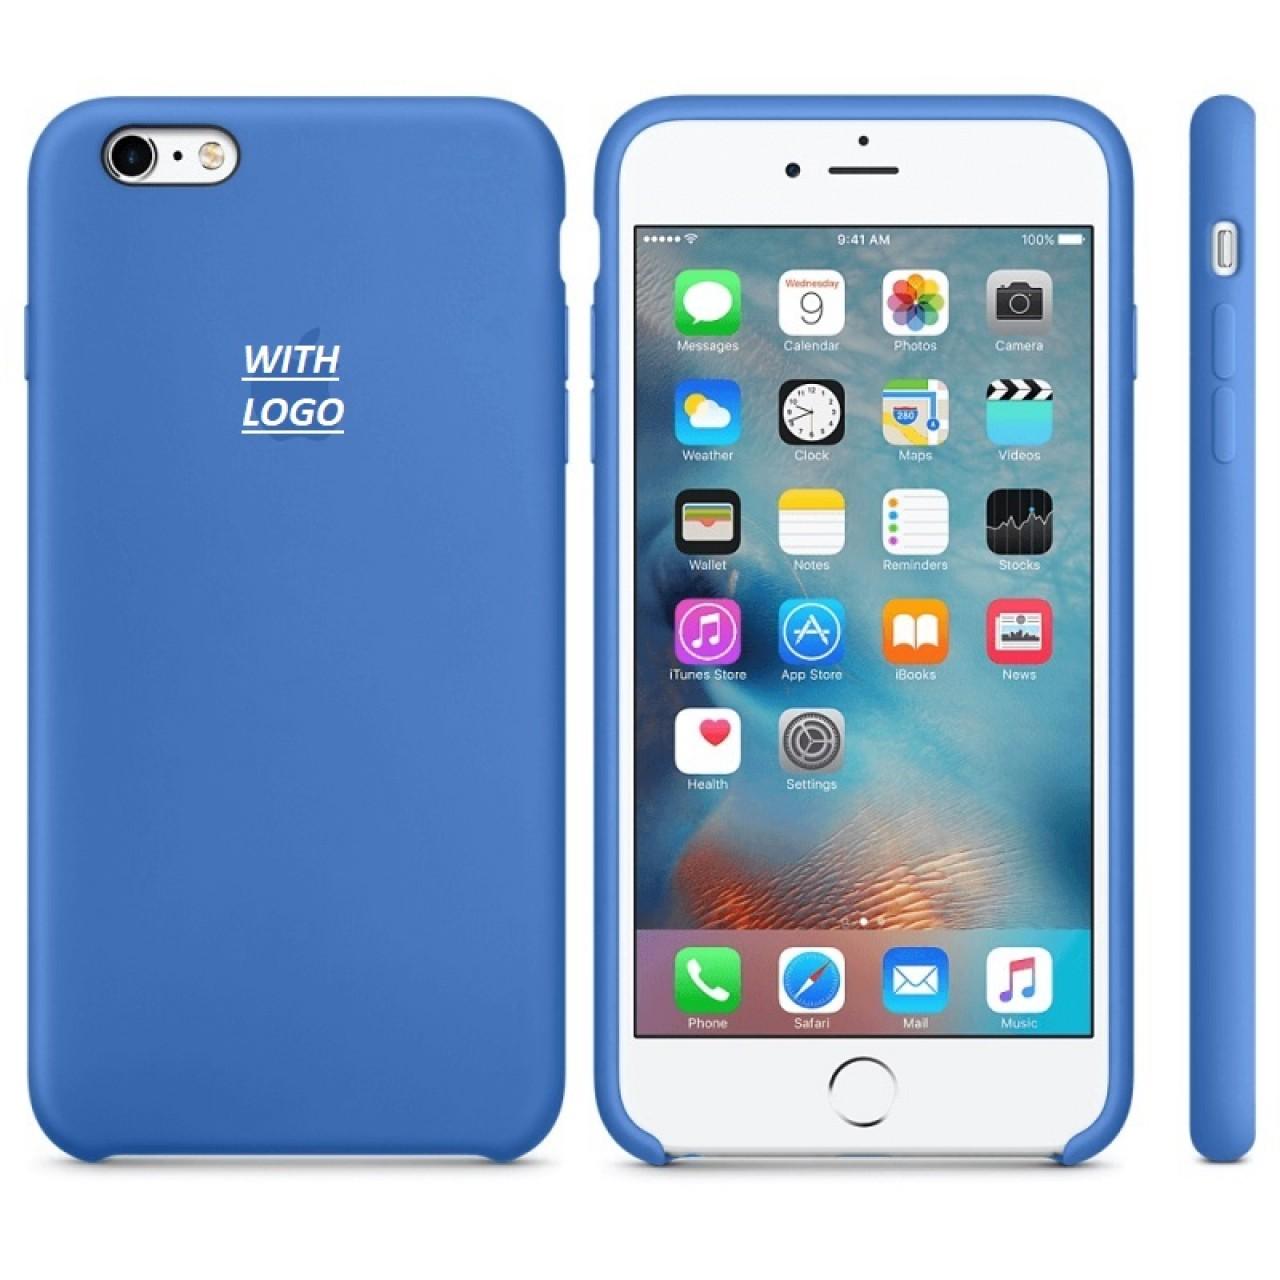 ΘΗΚΗ ΠΡΟΣΤΑΣΙΑΣ ΣΙΛΙΚΟΝΗΣ ΓΙΑ iPhone 6 PLUS ΜΠΛΕ ΠΑΣΤΕΛ - BACK COVER SILICON CASE DENIM BLUE - OEM